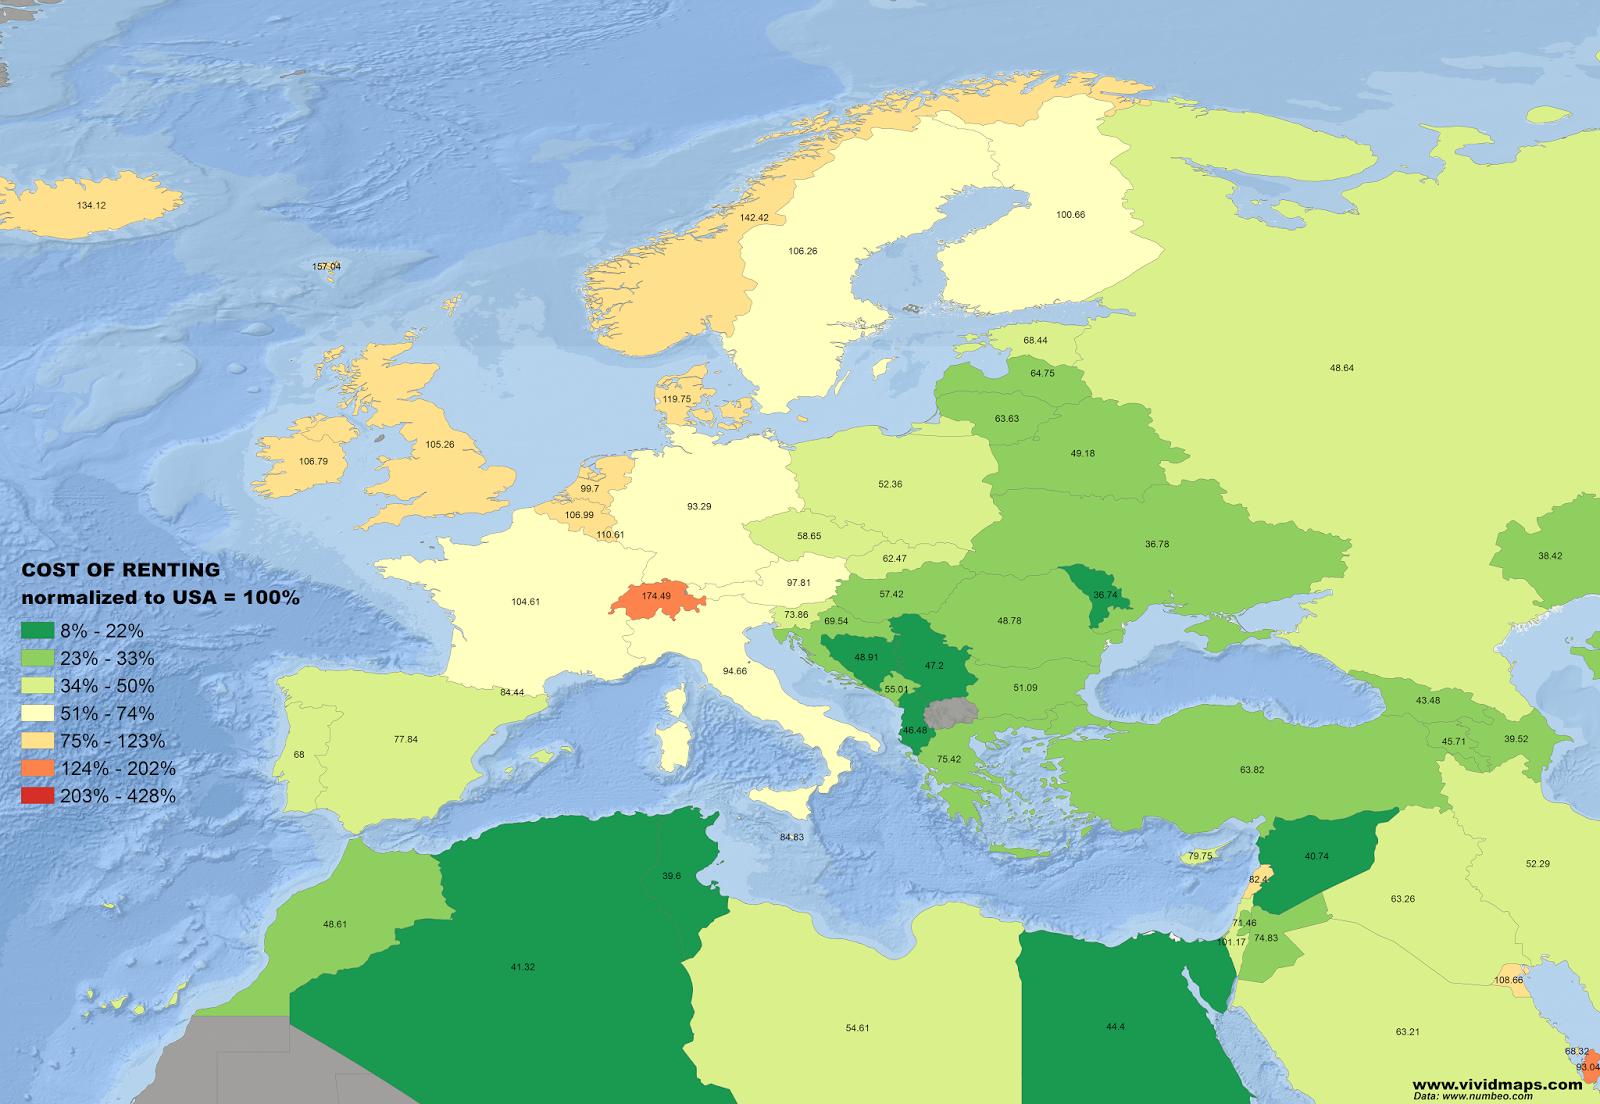 costo degli affitti, mappa dell'Europa